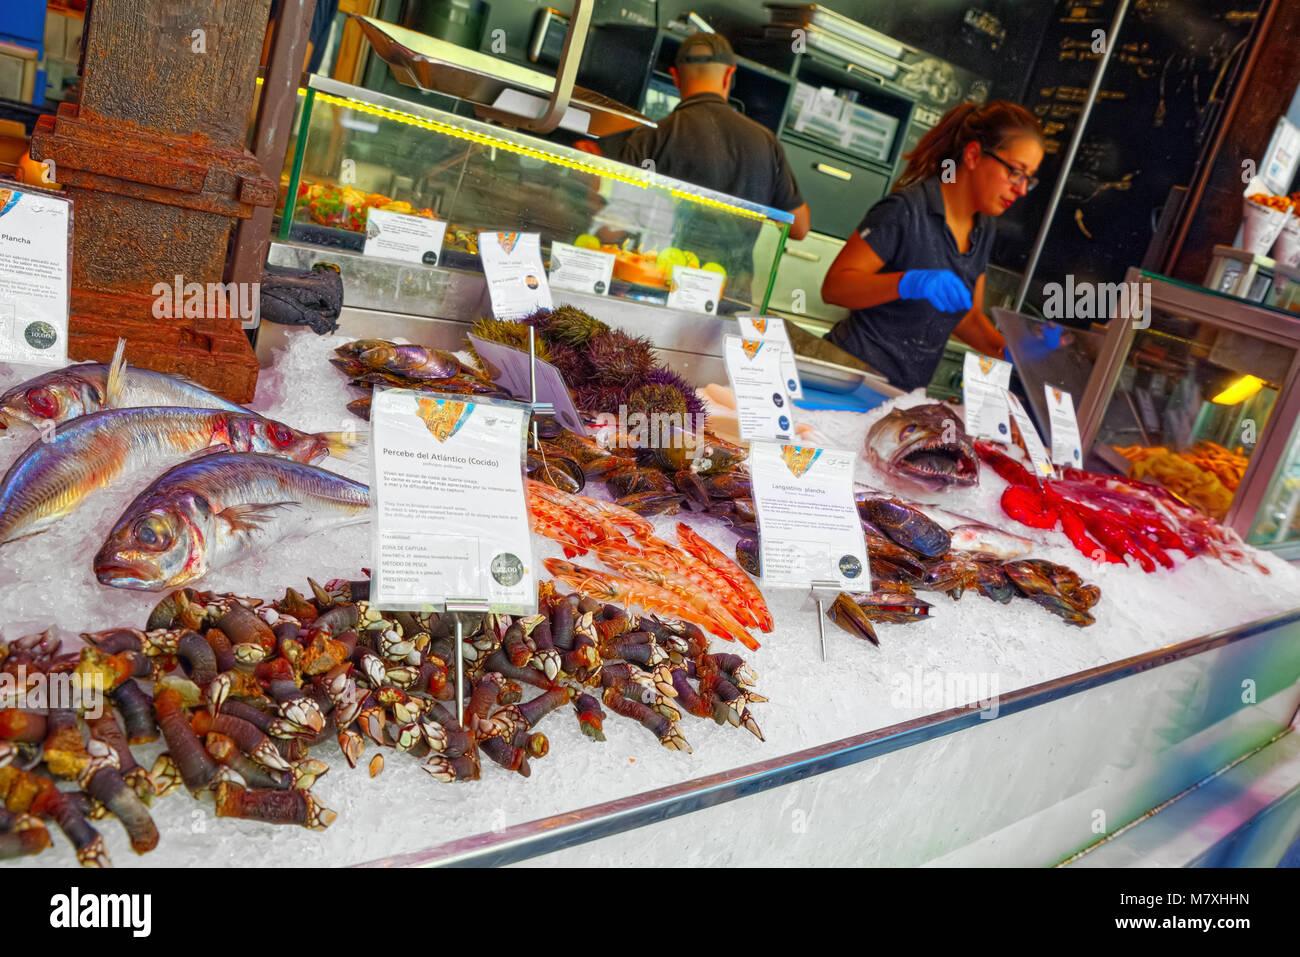 Madrid, España- Junio 05, 2017 : cubierto de mercado de San Miguel (en español: Mercado de San Miguel) es un mercado cubierto ubicado en Madrid, España. Originall Foto de stock